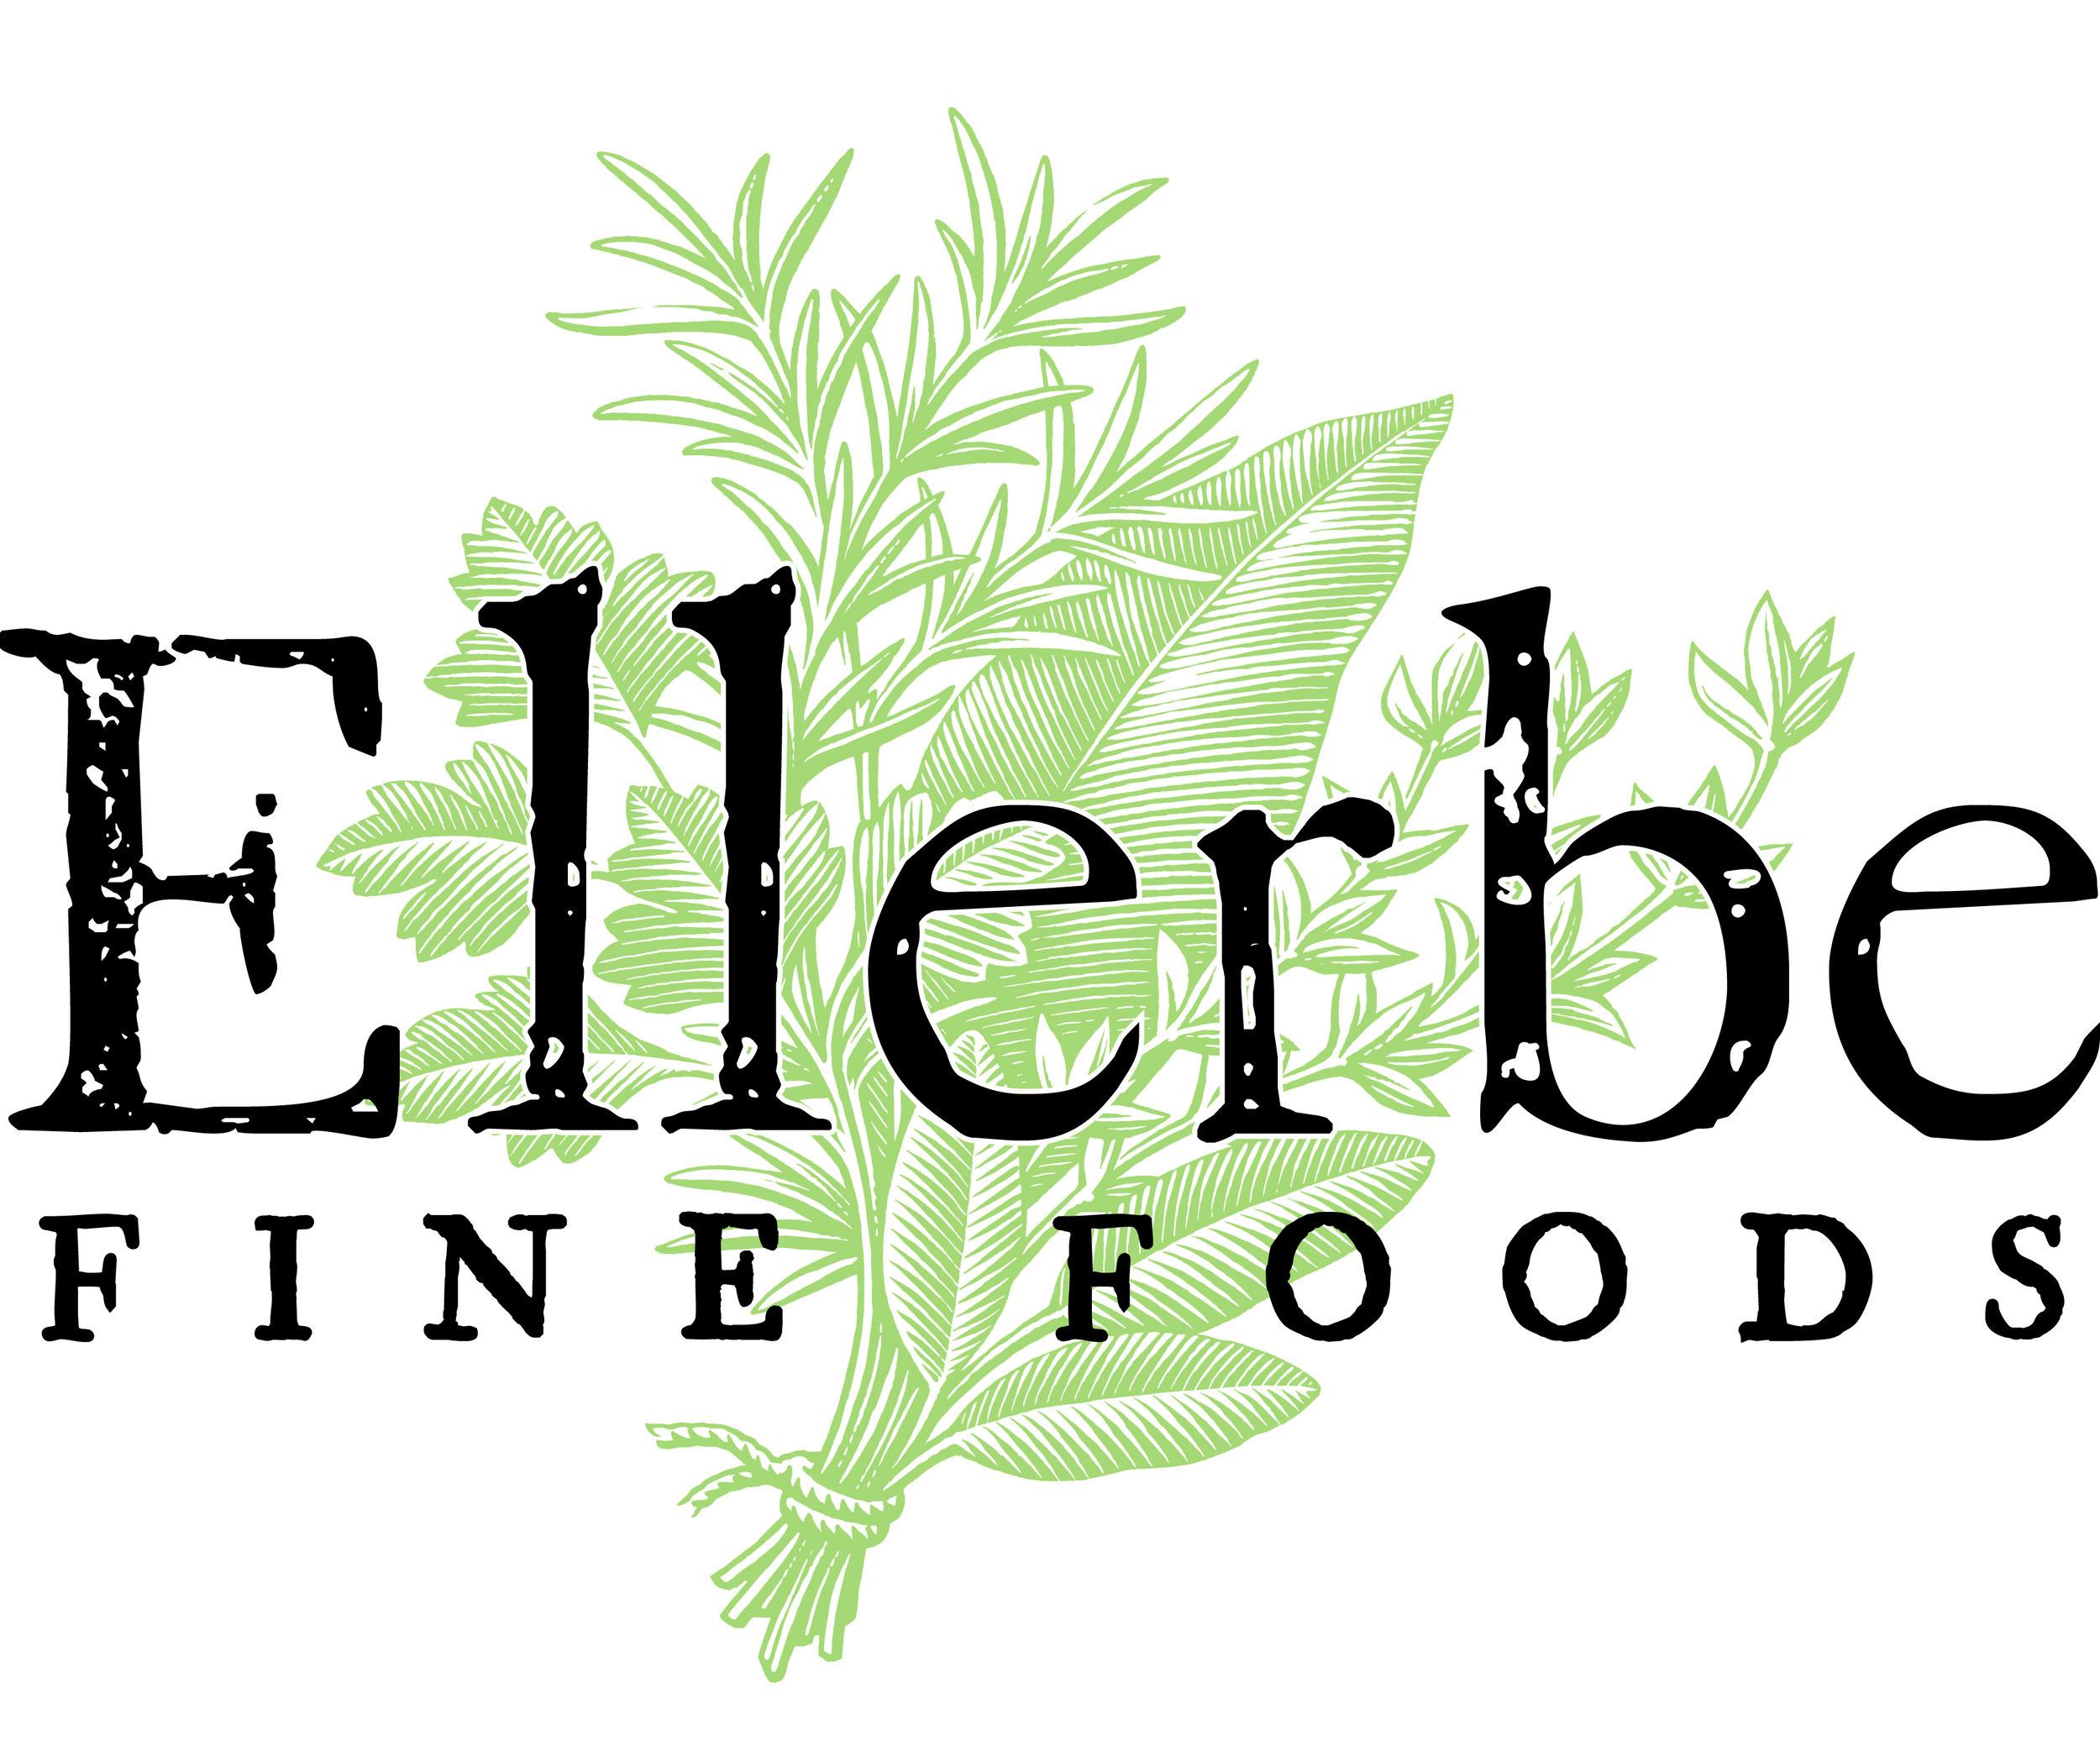 Ellerbe - Logo (11.30.16).jpg